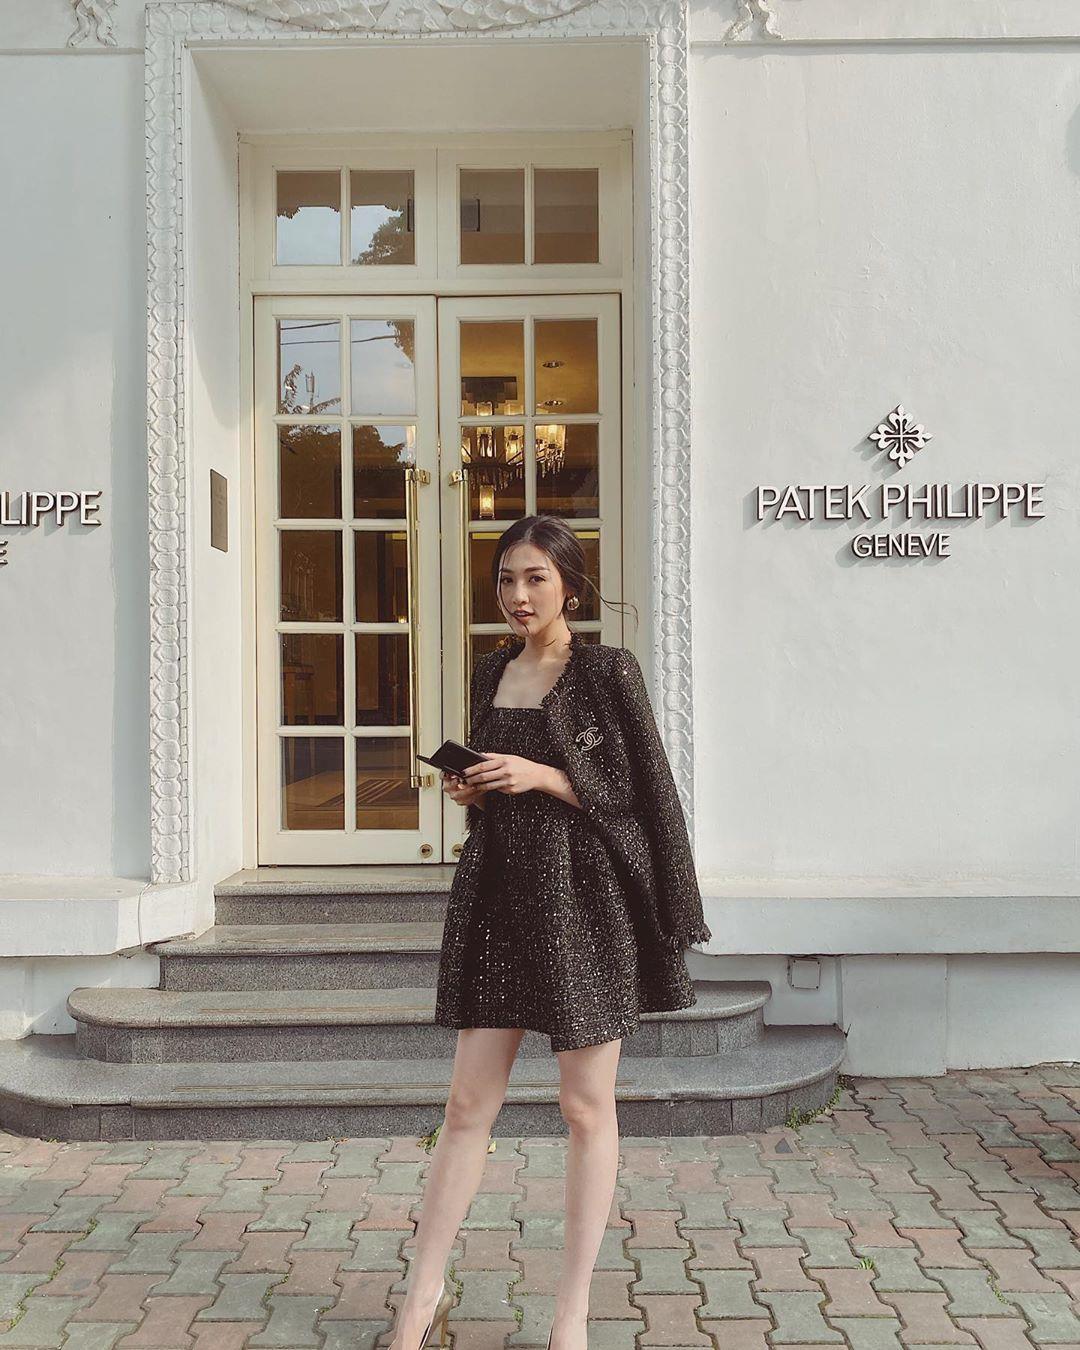 Á hậu Dương Tú Anh, ái nữ đại gia Minh Nhựa dạo phố thời thượng với trang phục và phụ kiện hàng hiệu - Ảnh 1.